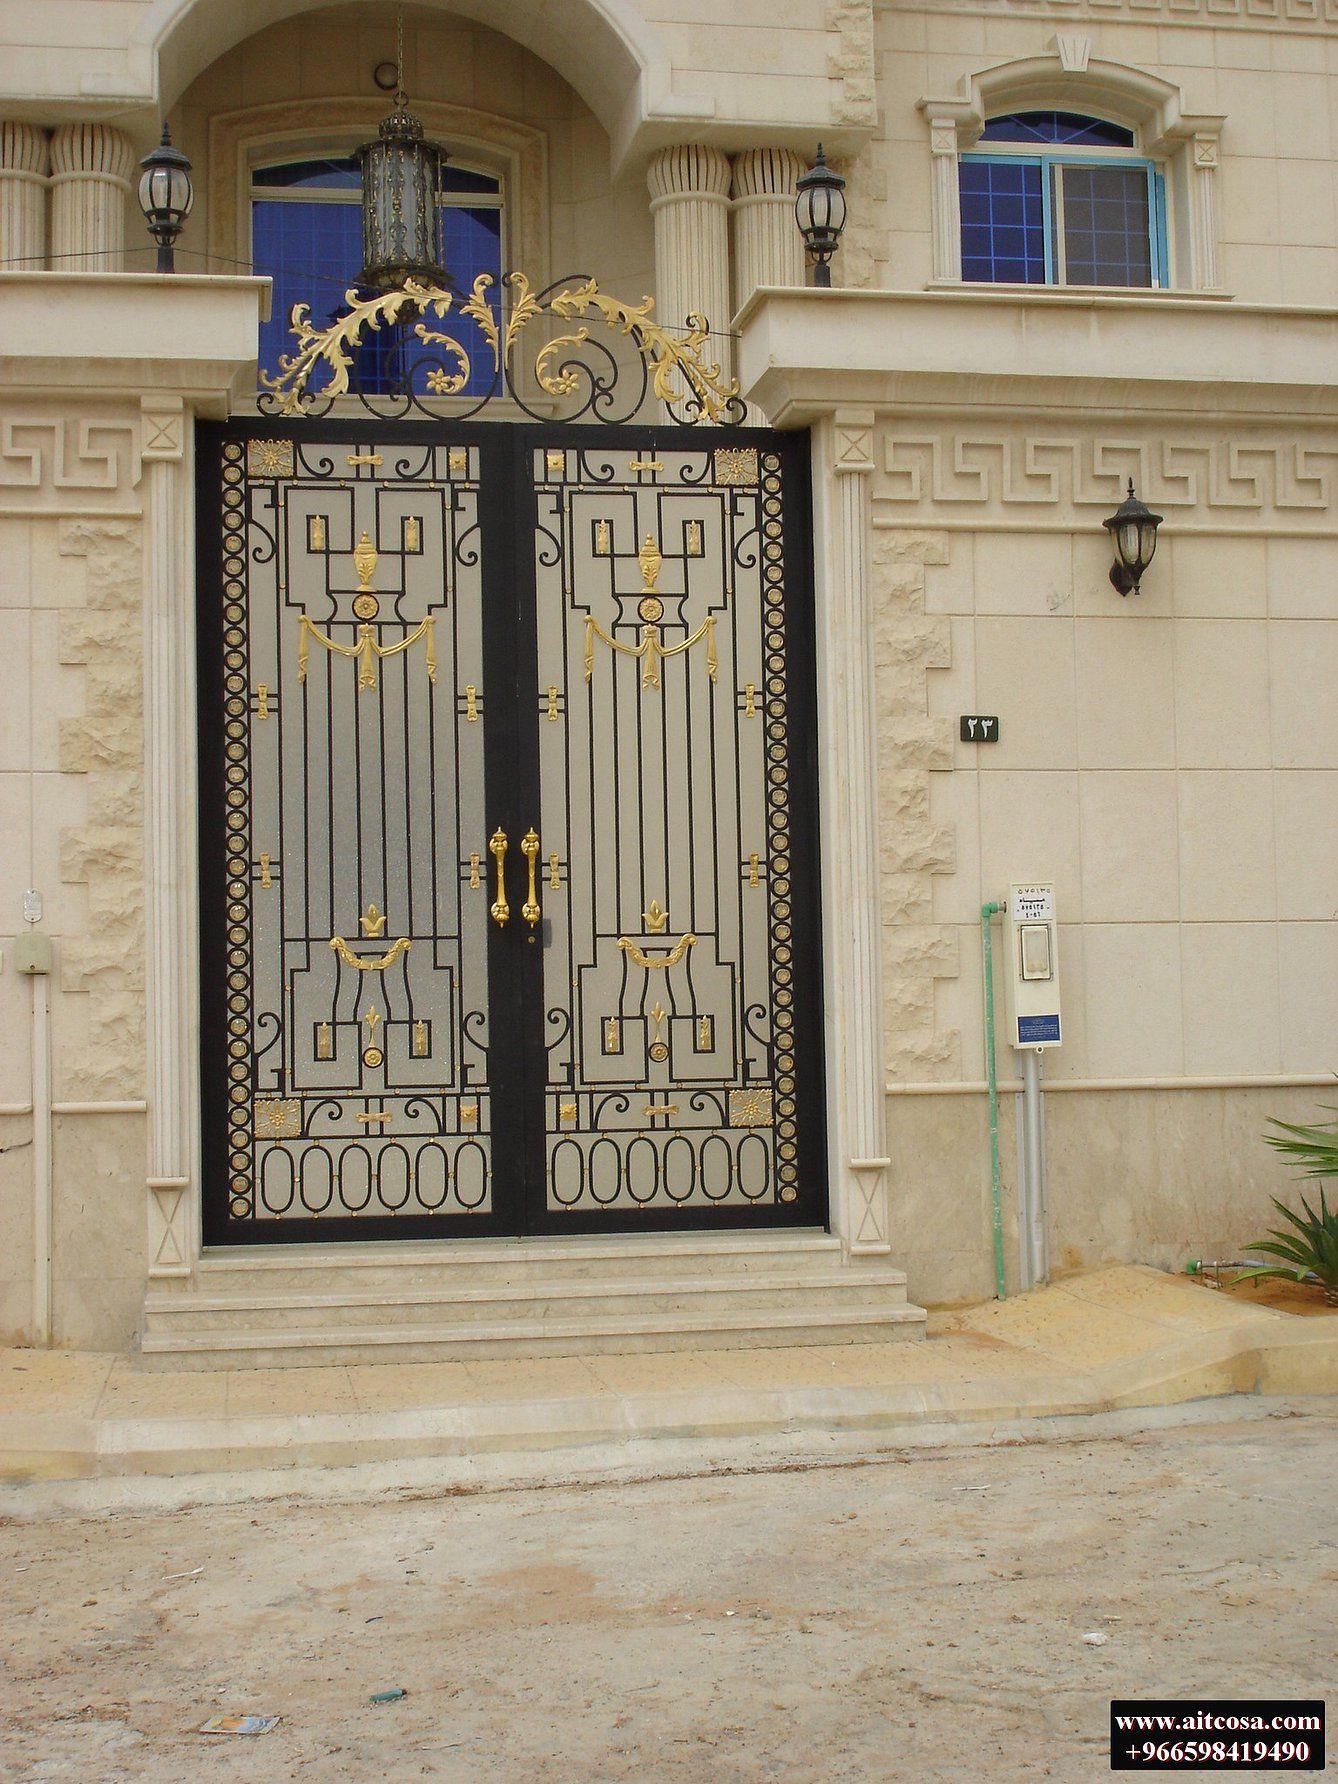 Pin By Mhamed On ابواب خارجية Steel Door Design Iron Security Doors Door Gate Design